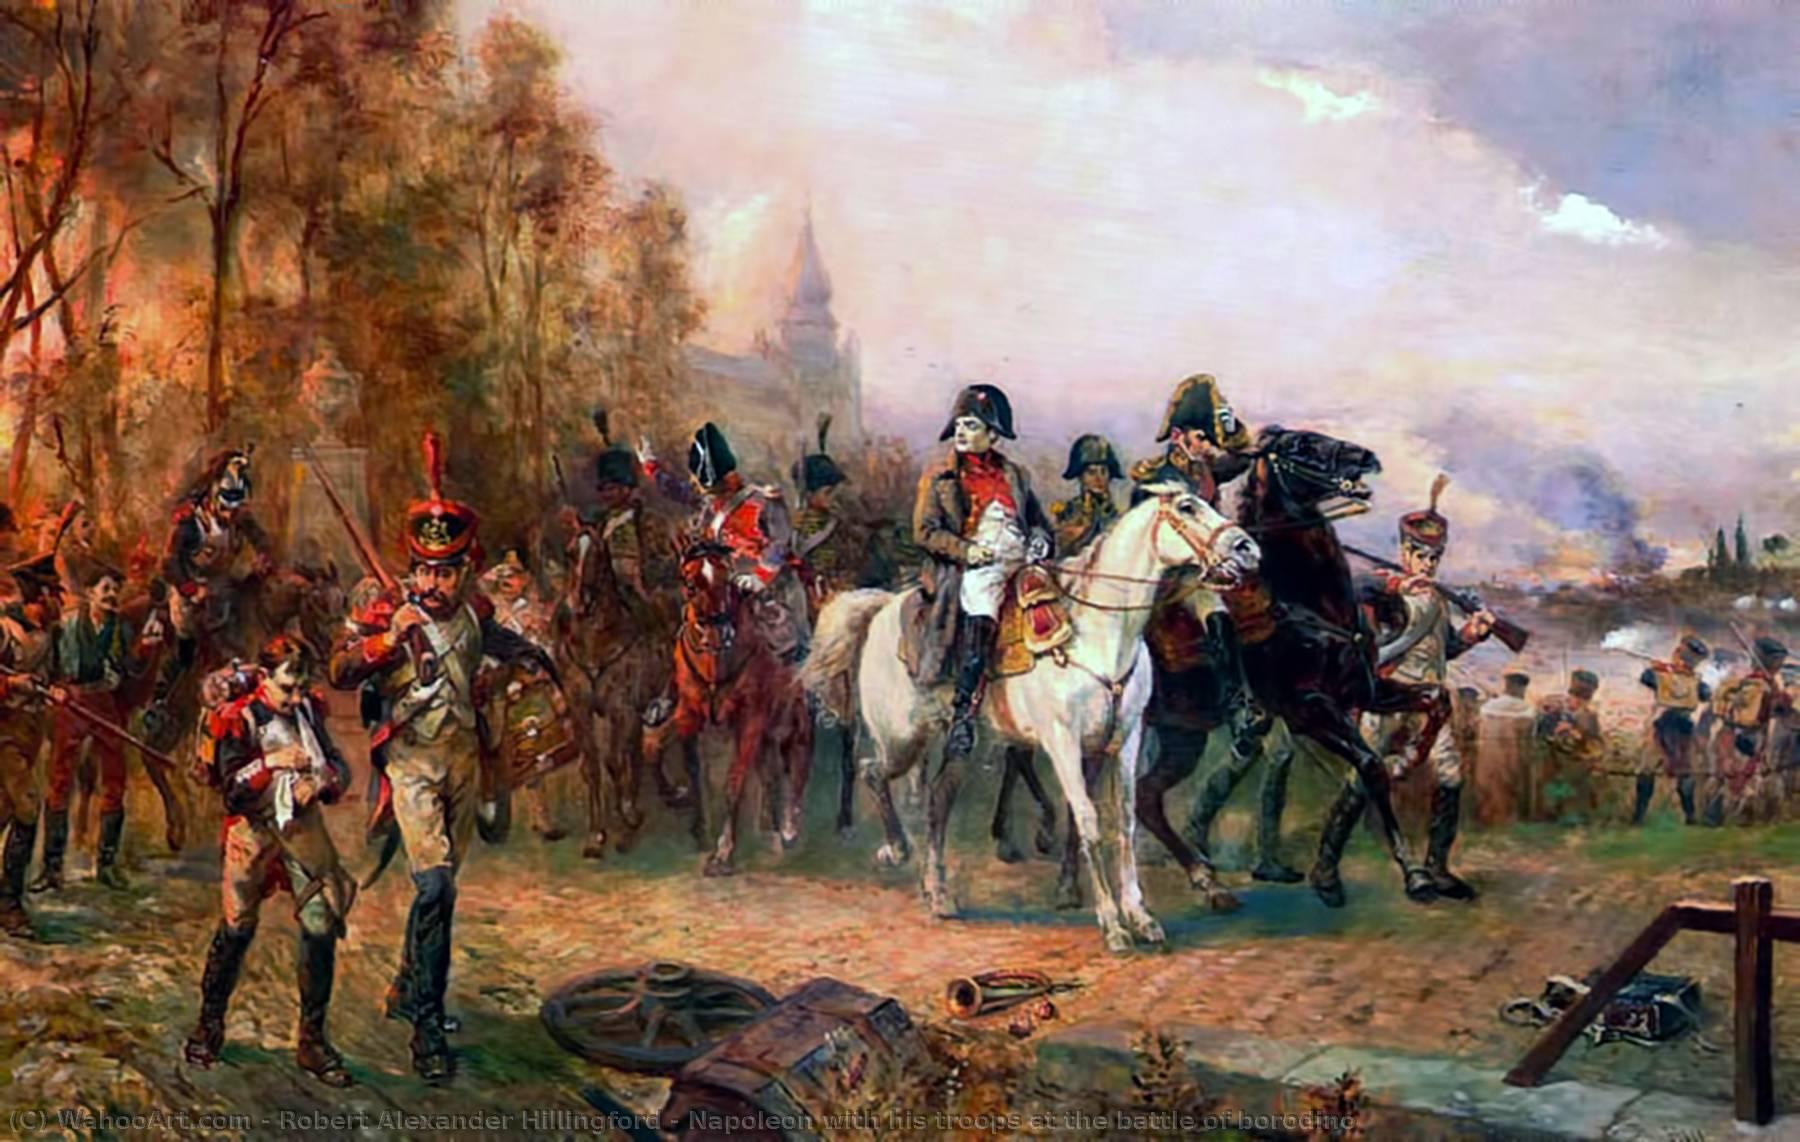 Napoleão com o seu tropas no batalha de borodino, 1812 por Robert Alexander Hillingford (1828-1904, United Kingdom) | Reproduções De Belas Artes Robert Alexander Hillingford | WahooArt.com